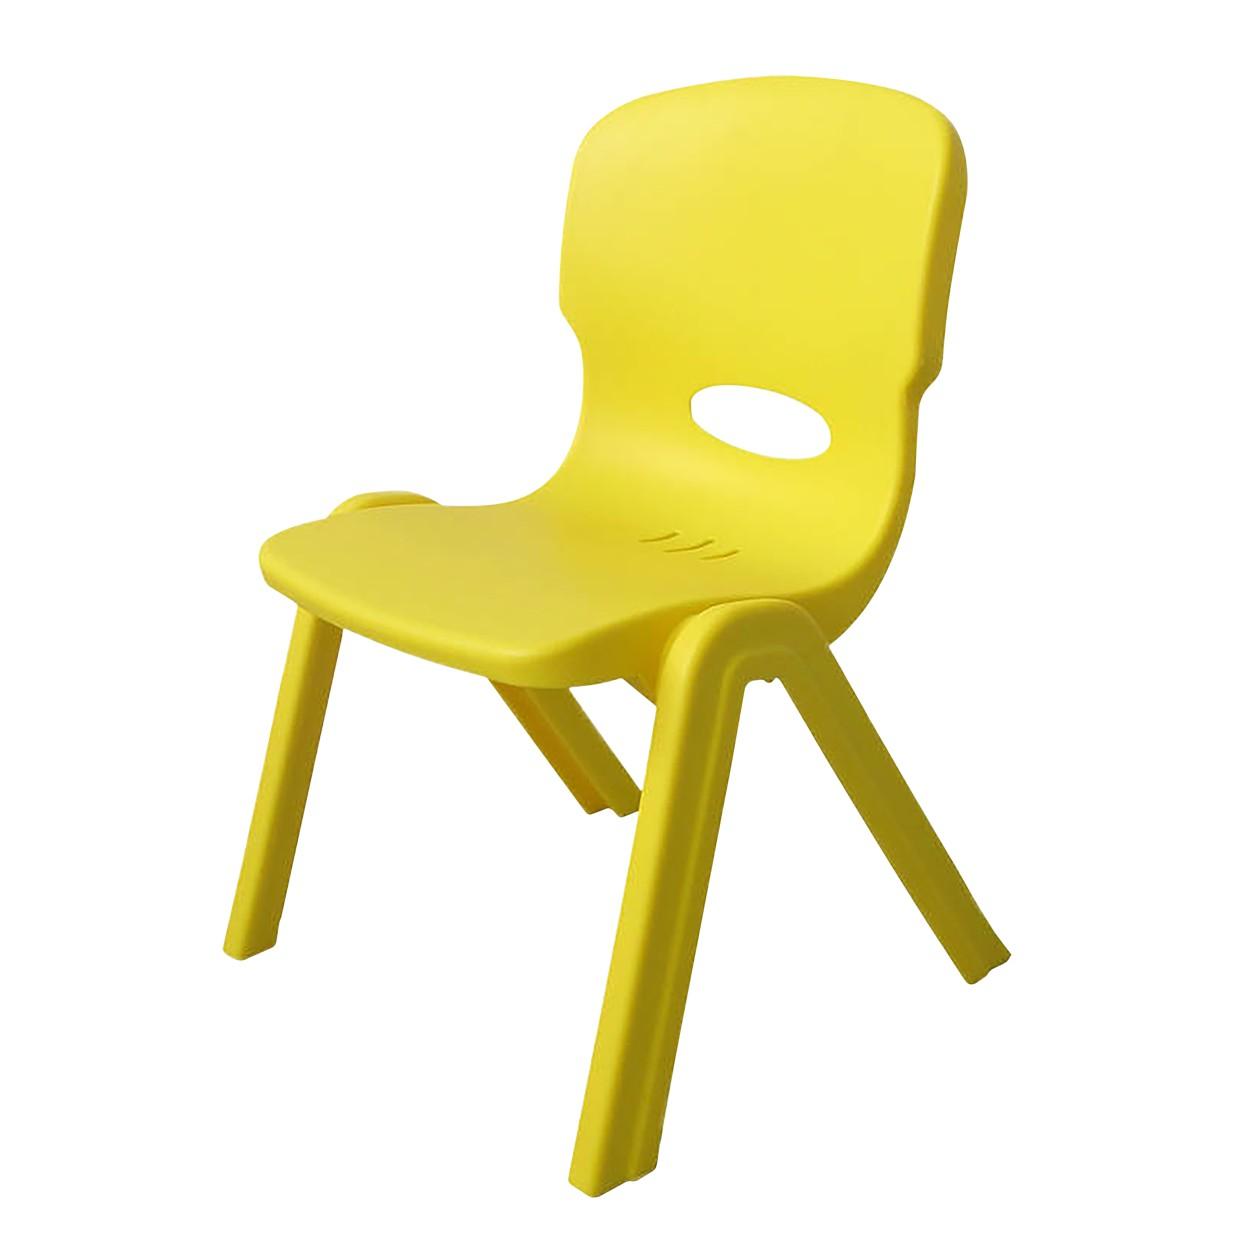 home24 Kinderstuhl Nina Mini | Kinderzimmer > Kinderzimmerstühle | Gelb | Kunststoff | Kayoom